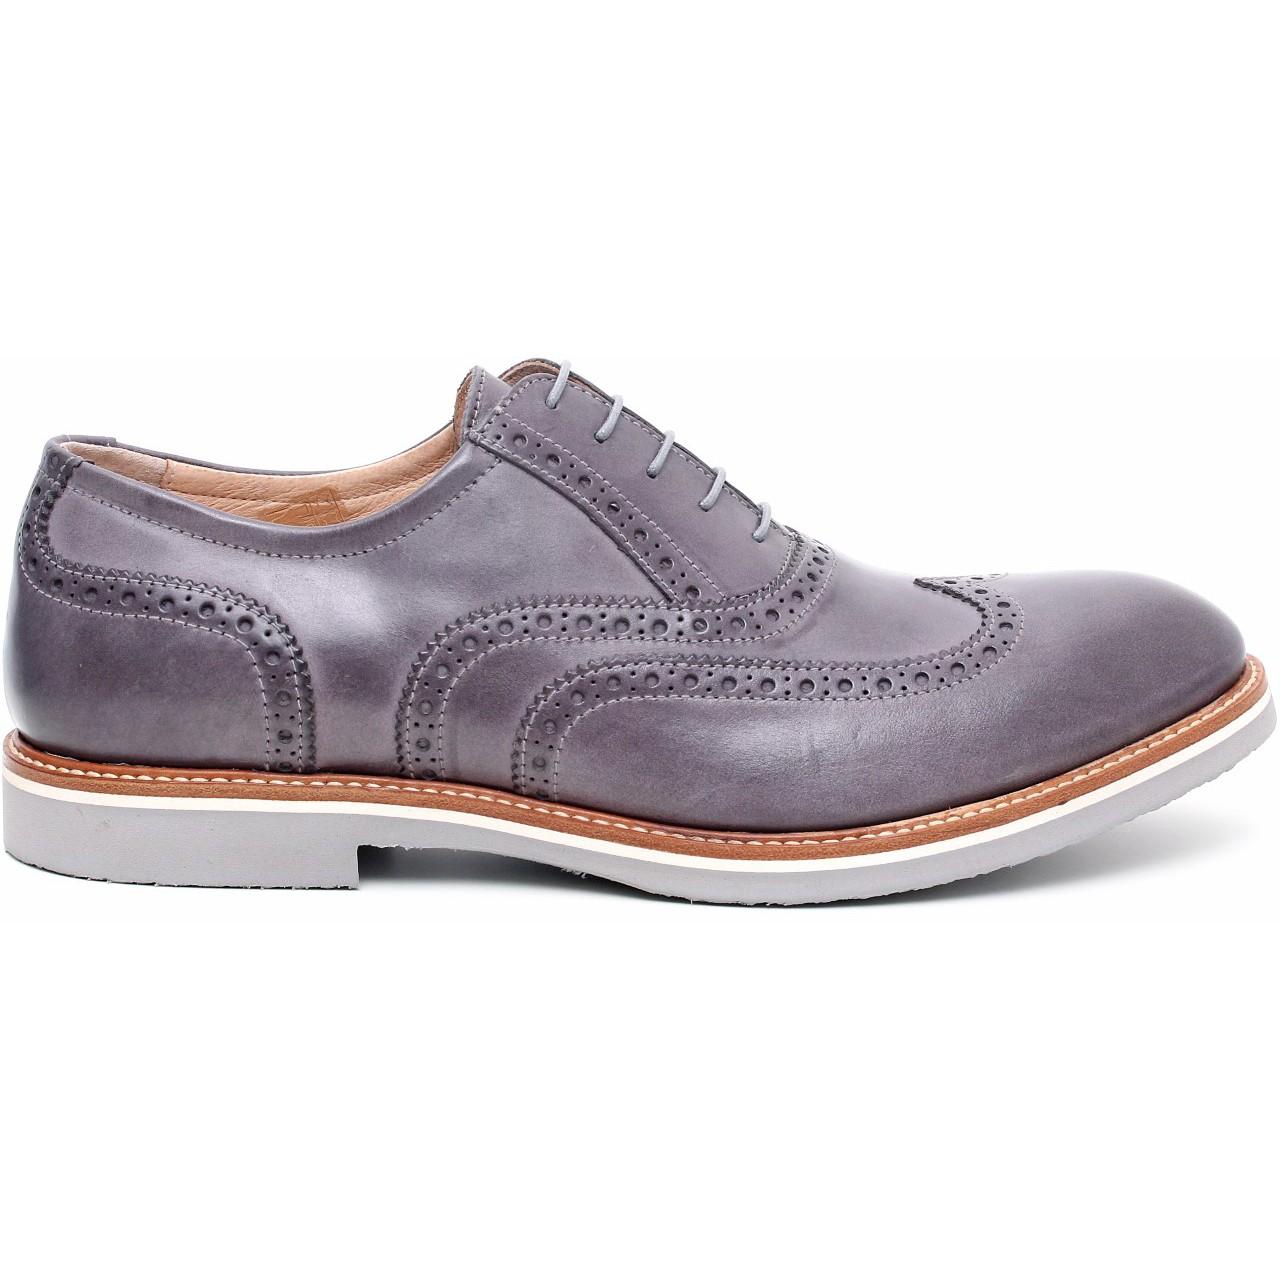 Nero giardini scarpa stringata uomo pelle p503382u latini sport - Polacchine uomo nero giardini ...